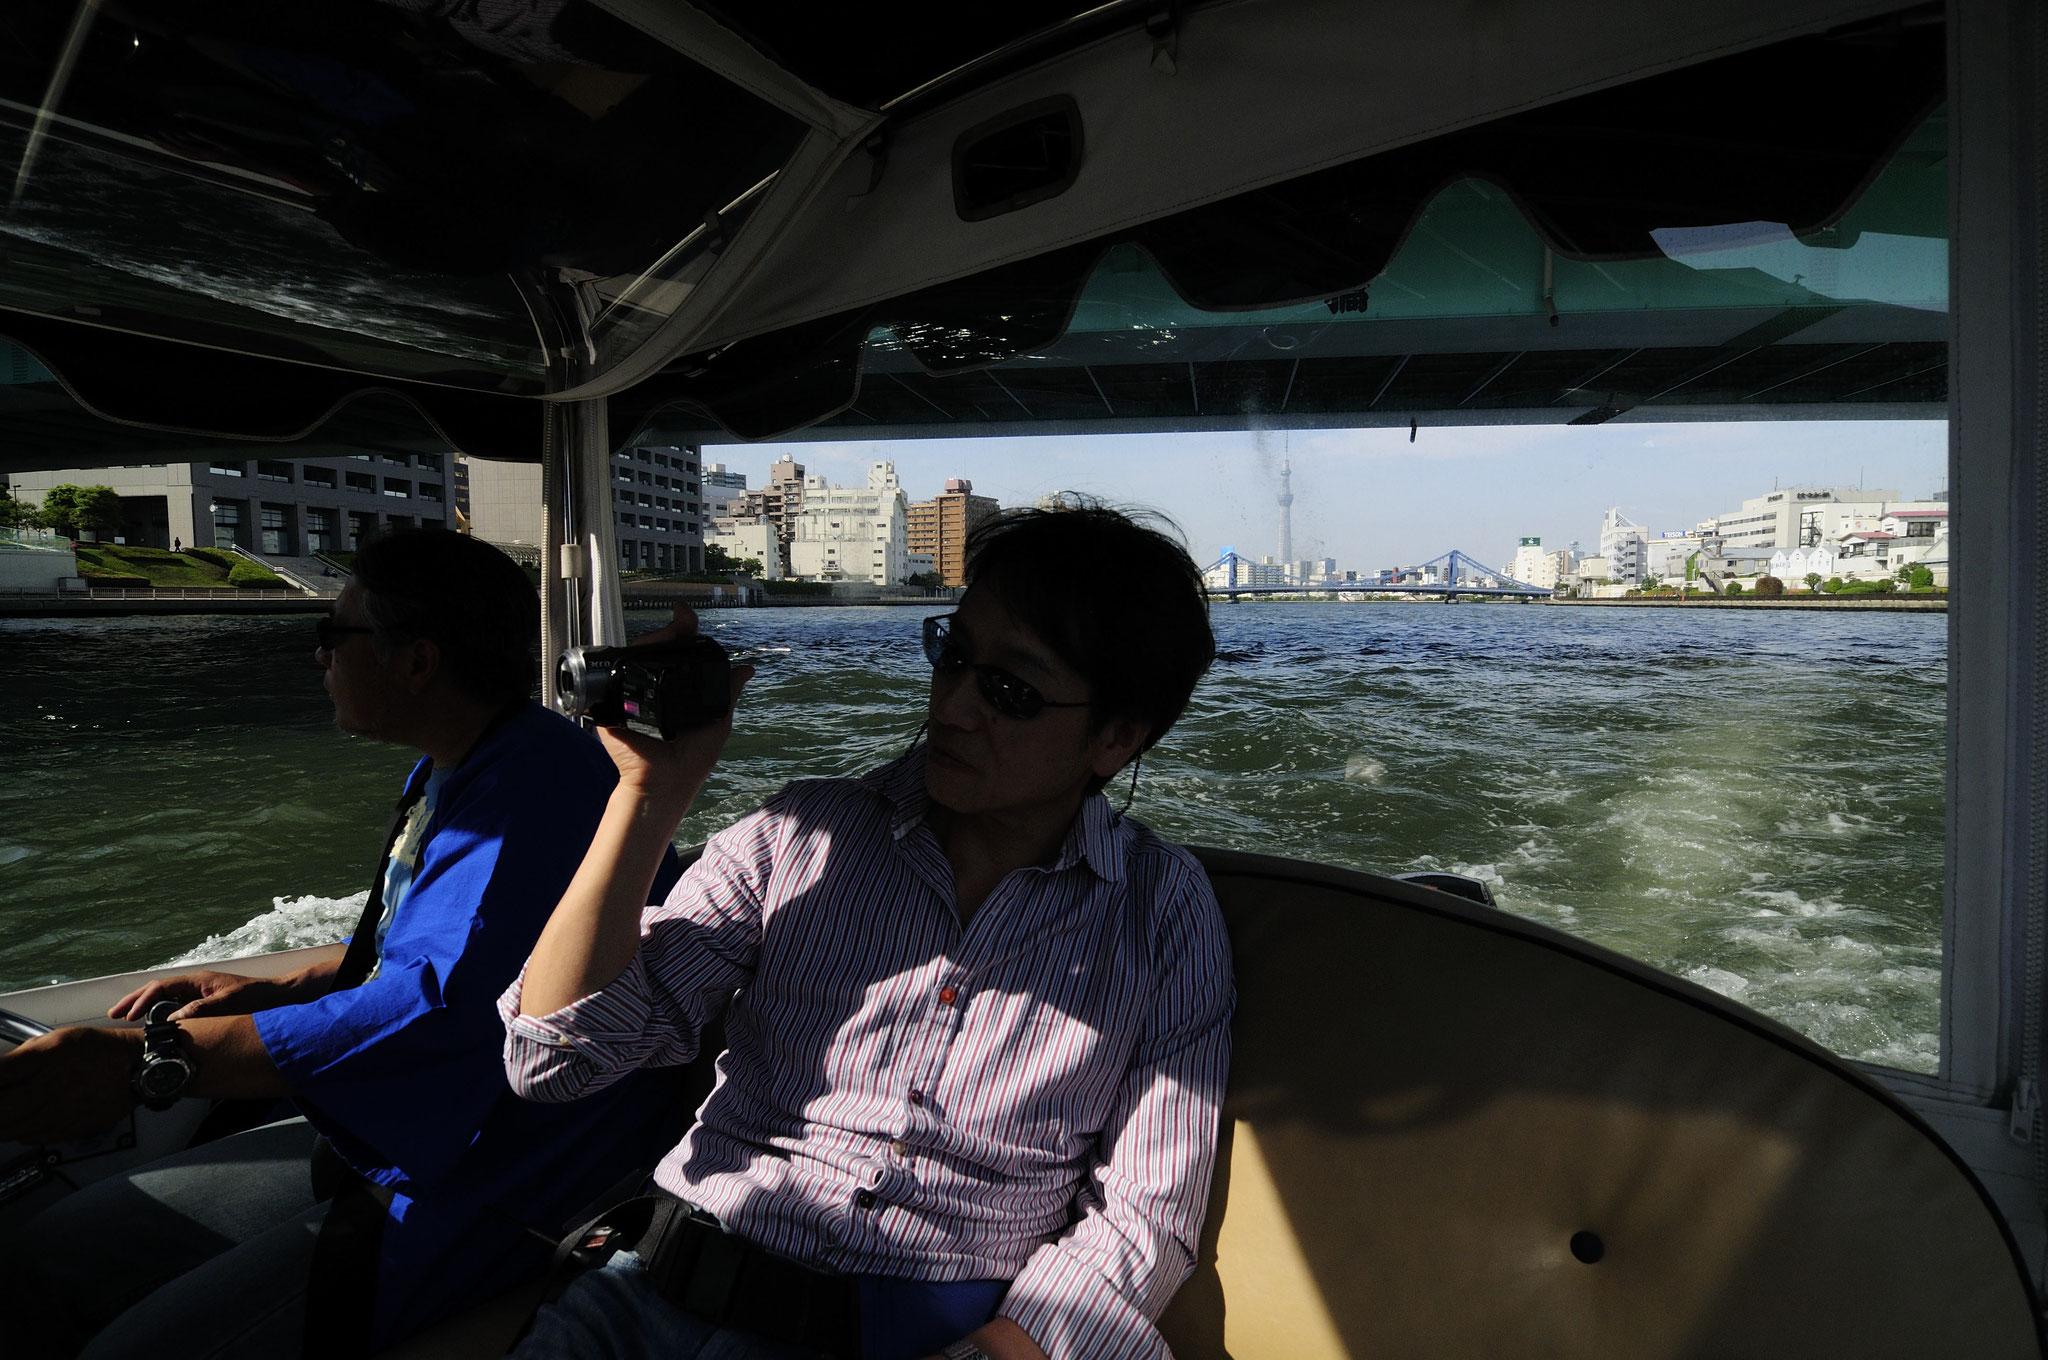 川めぐりの旅もいろいろ。静かな電気ボートで大川(隅田川)を行く